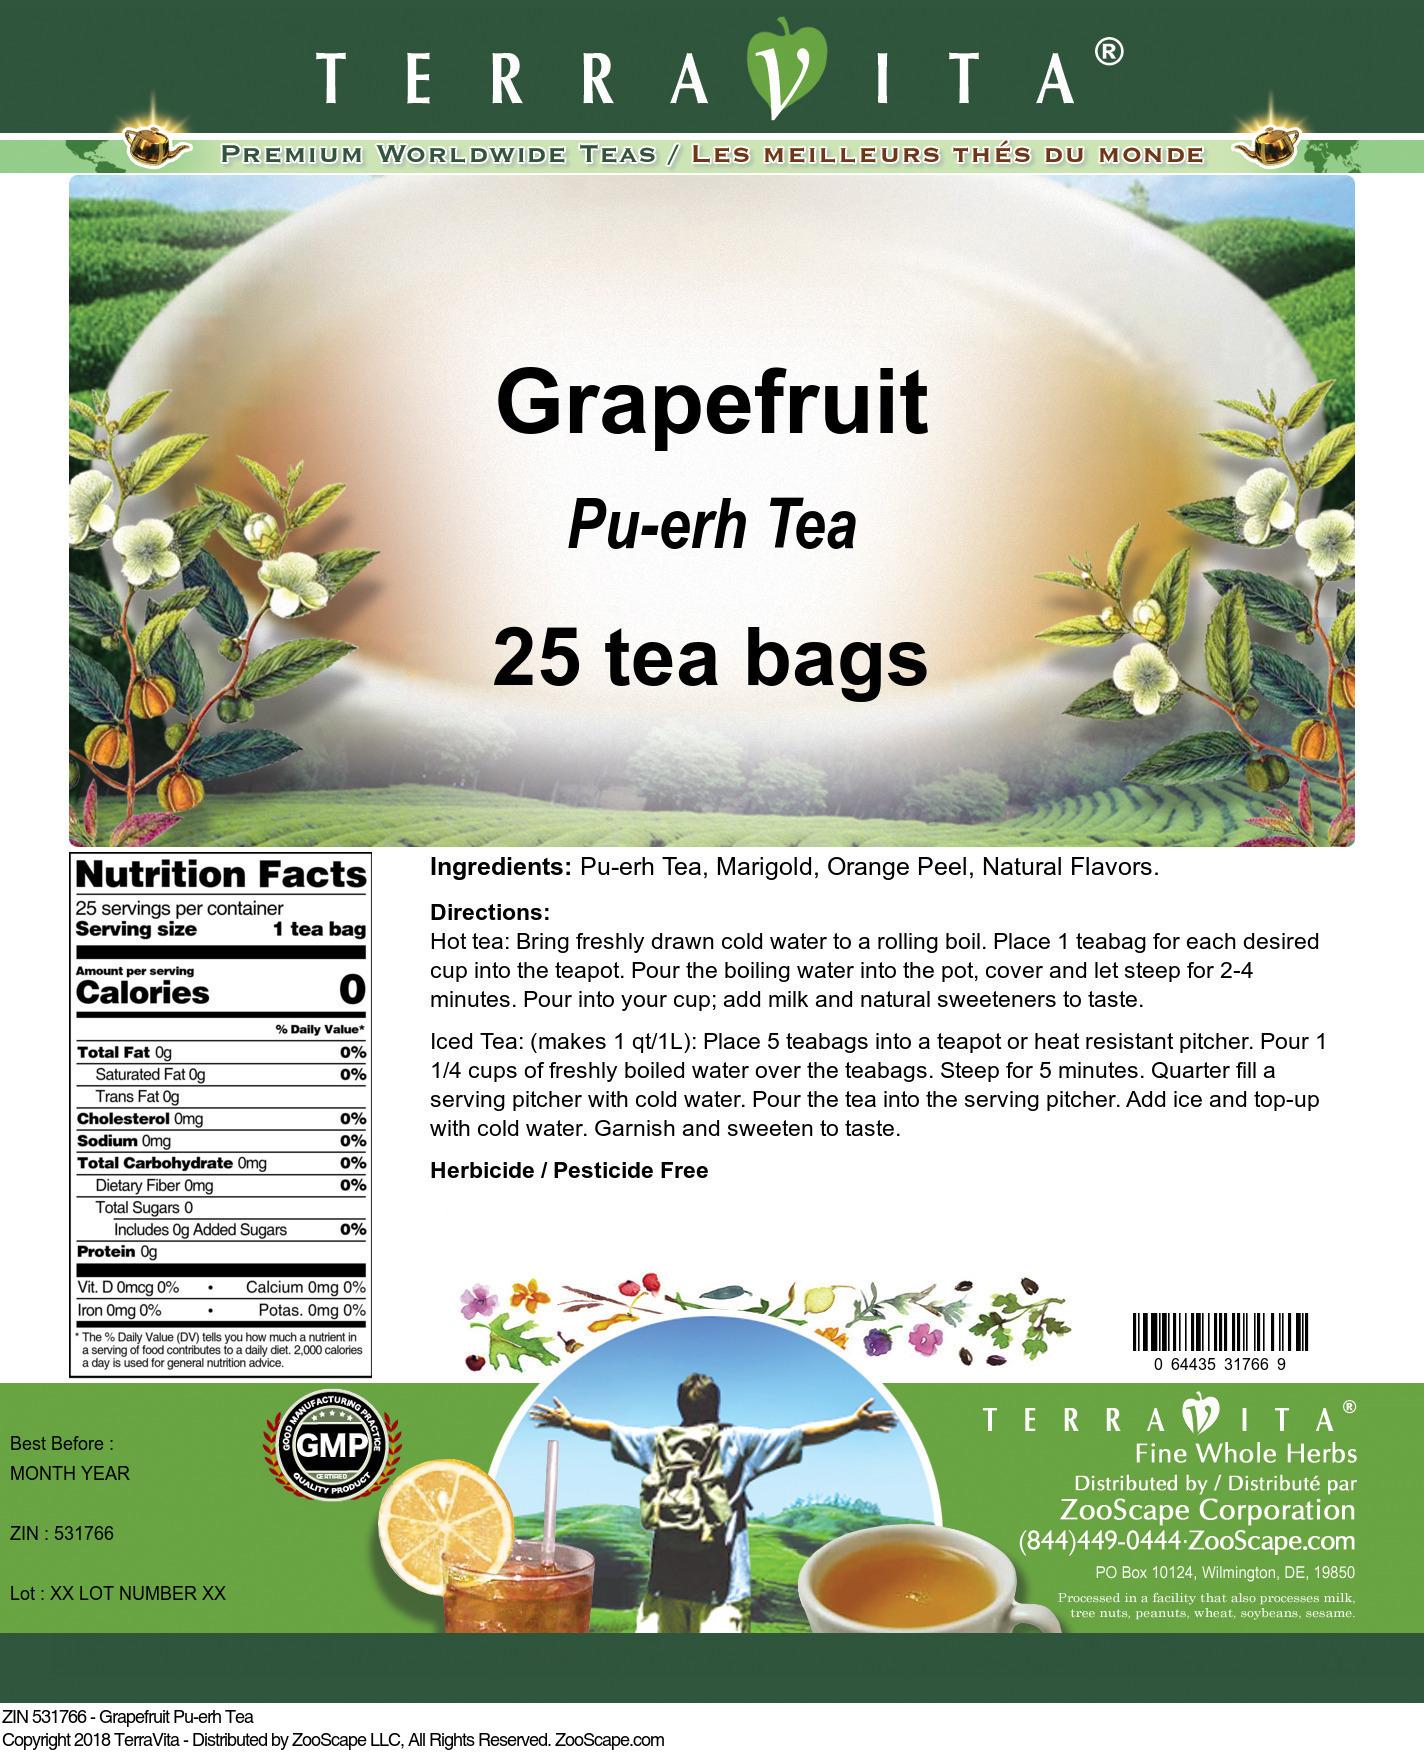 Grapefruit Pu-erh Tea